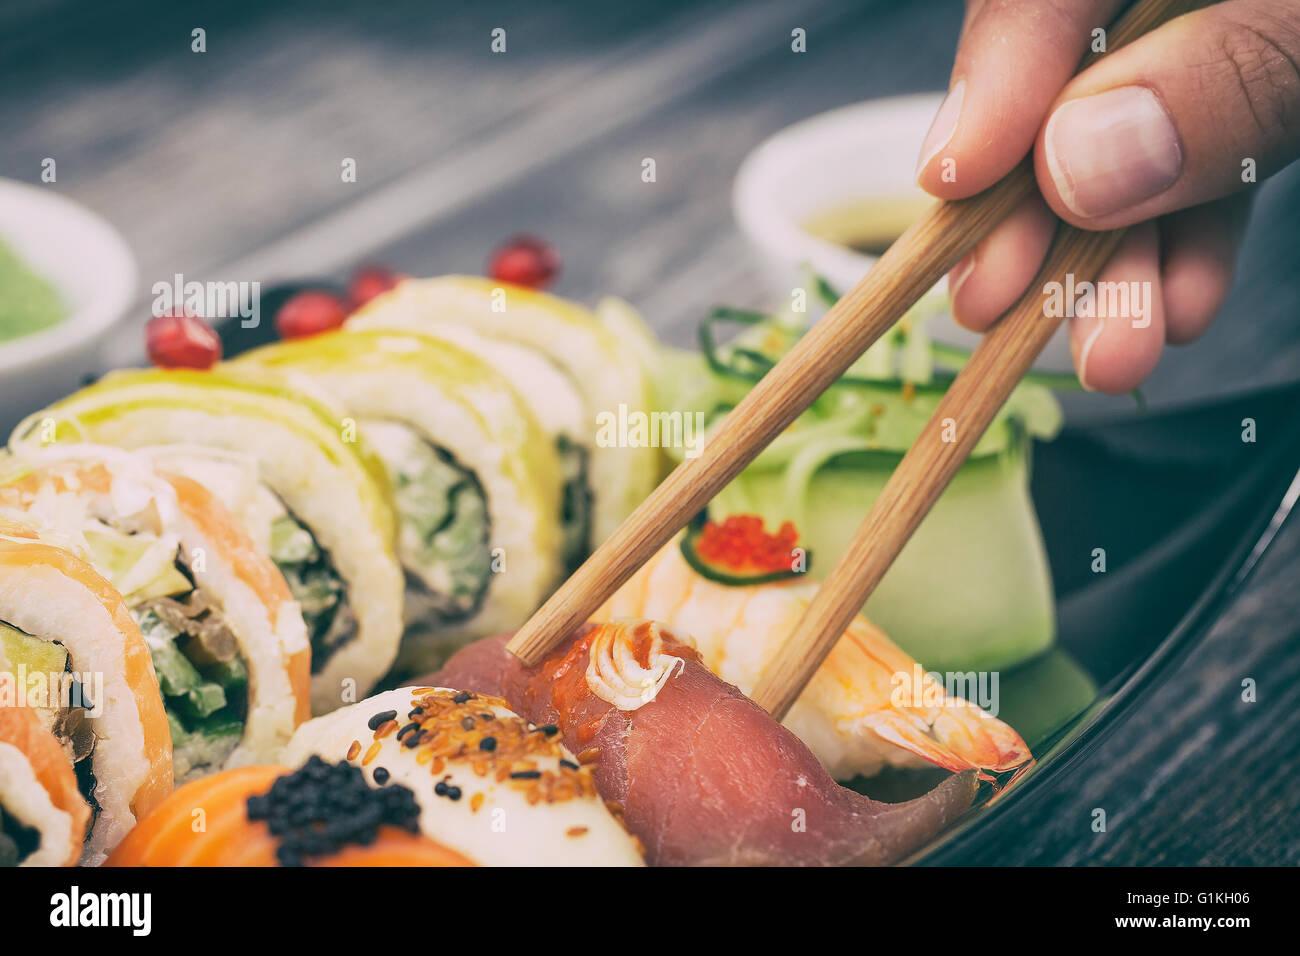 Rotolo di sushi materie makki cibi freschi frutti di mare susi - immagine di stock Immagini Stock